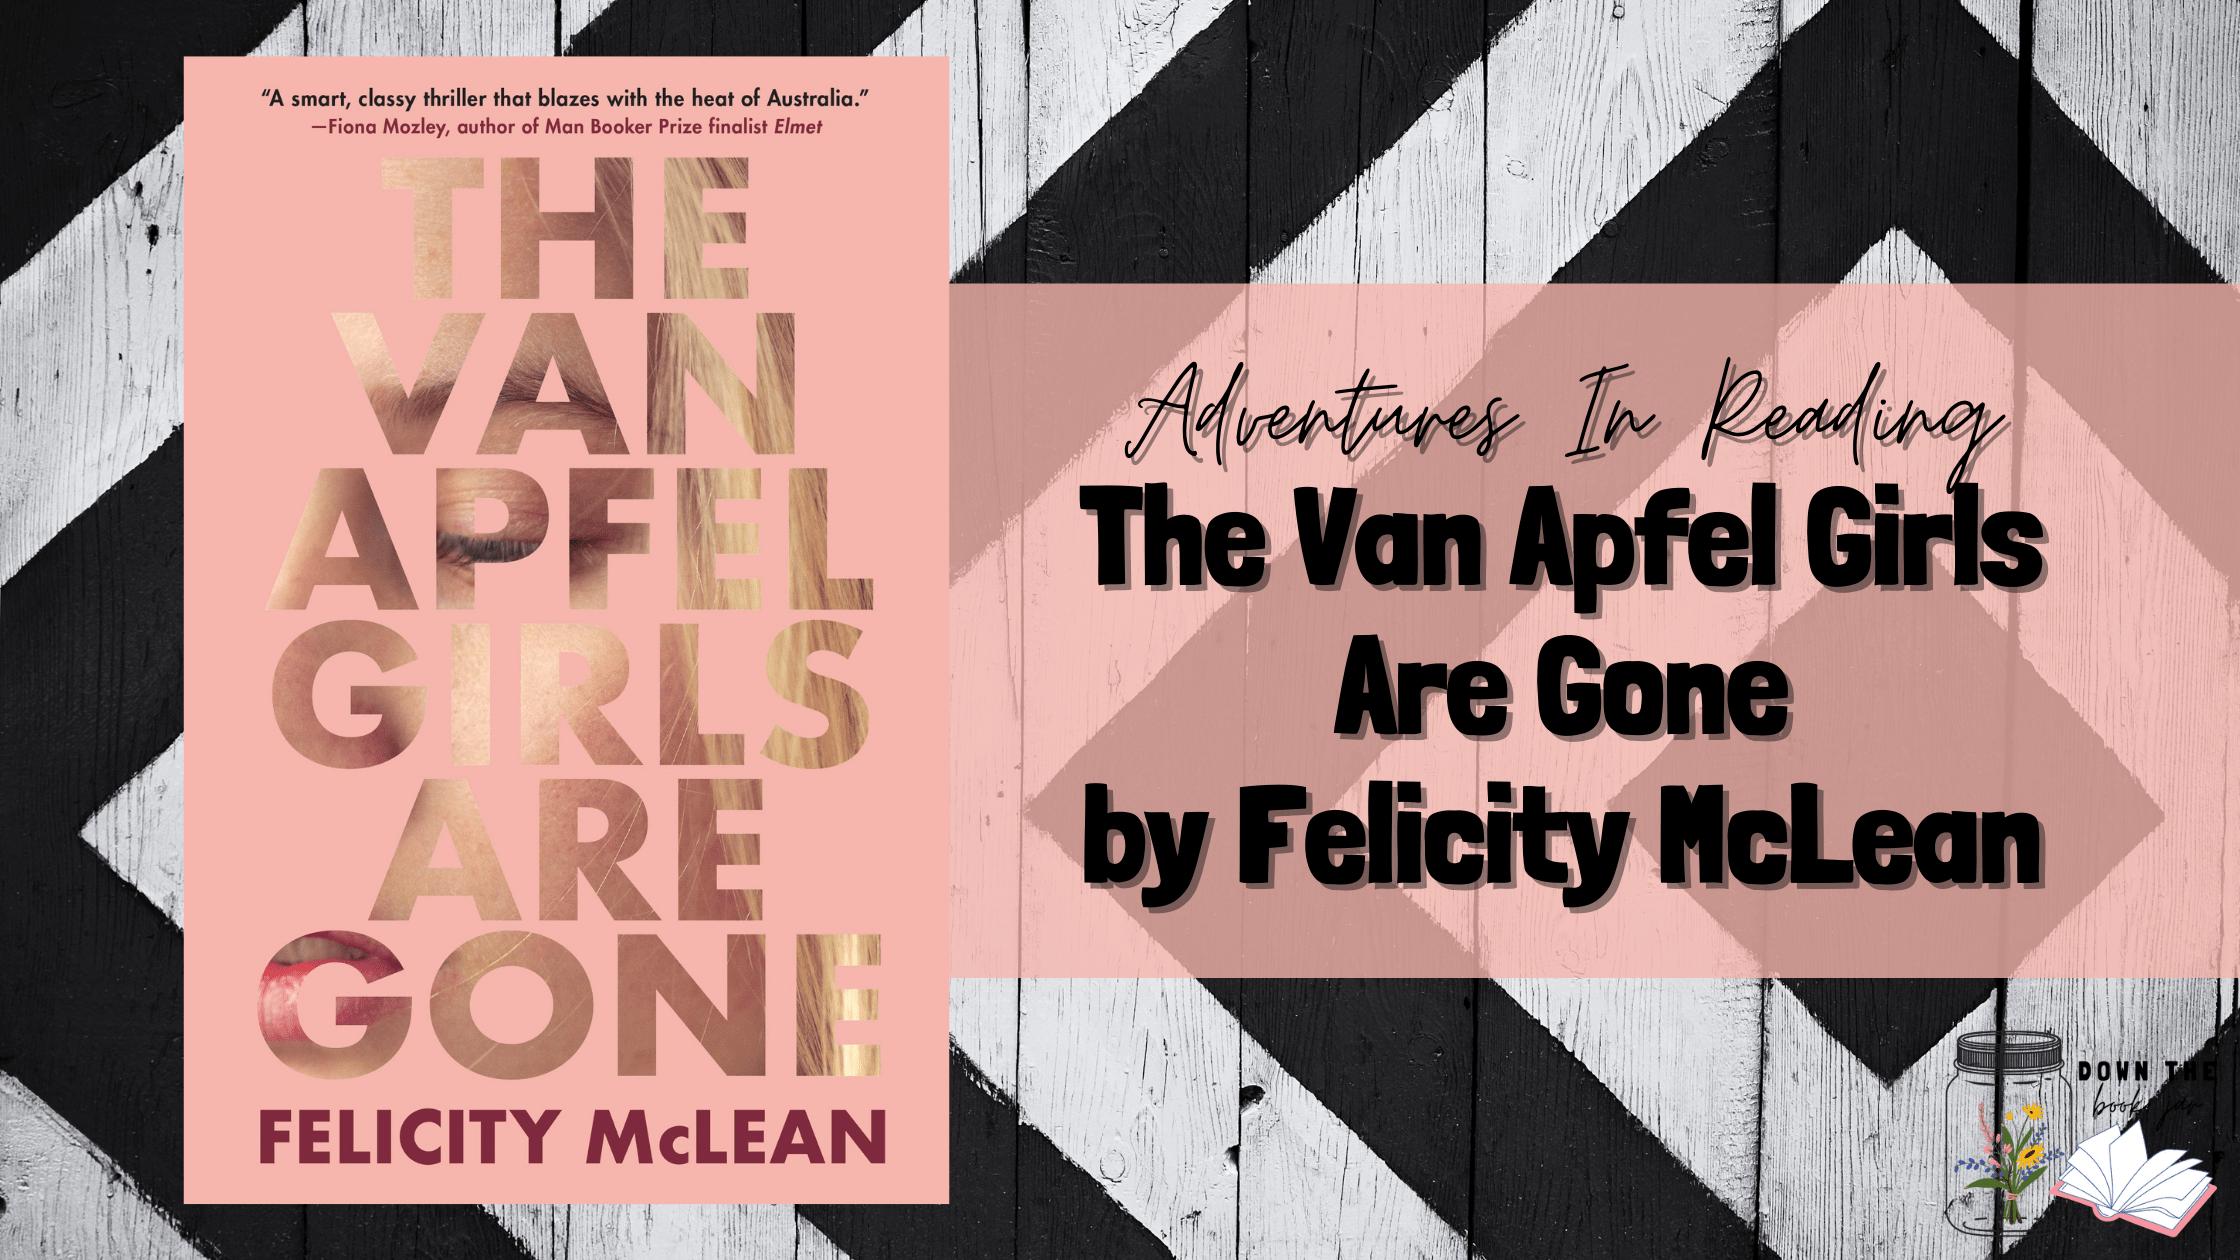 The Van Apfel Girls Are Gone by Felicity McLean